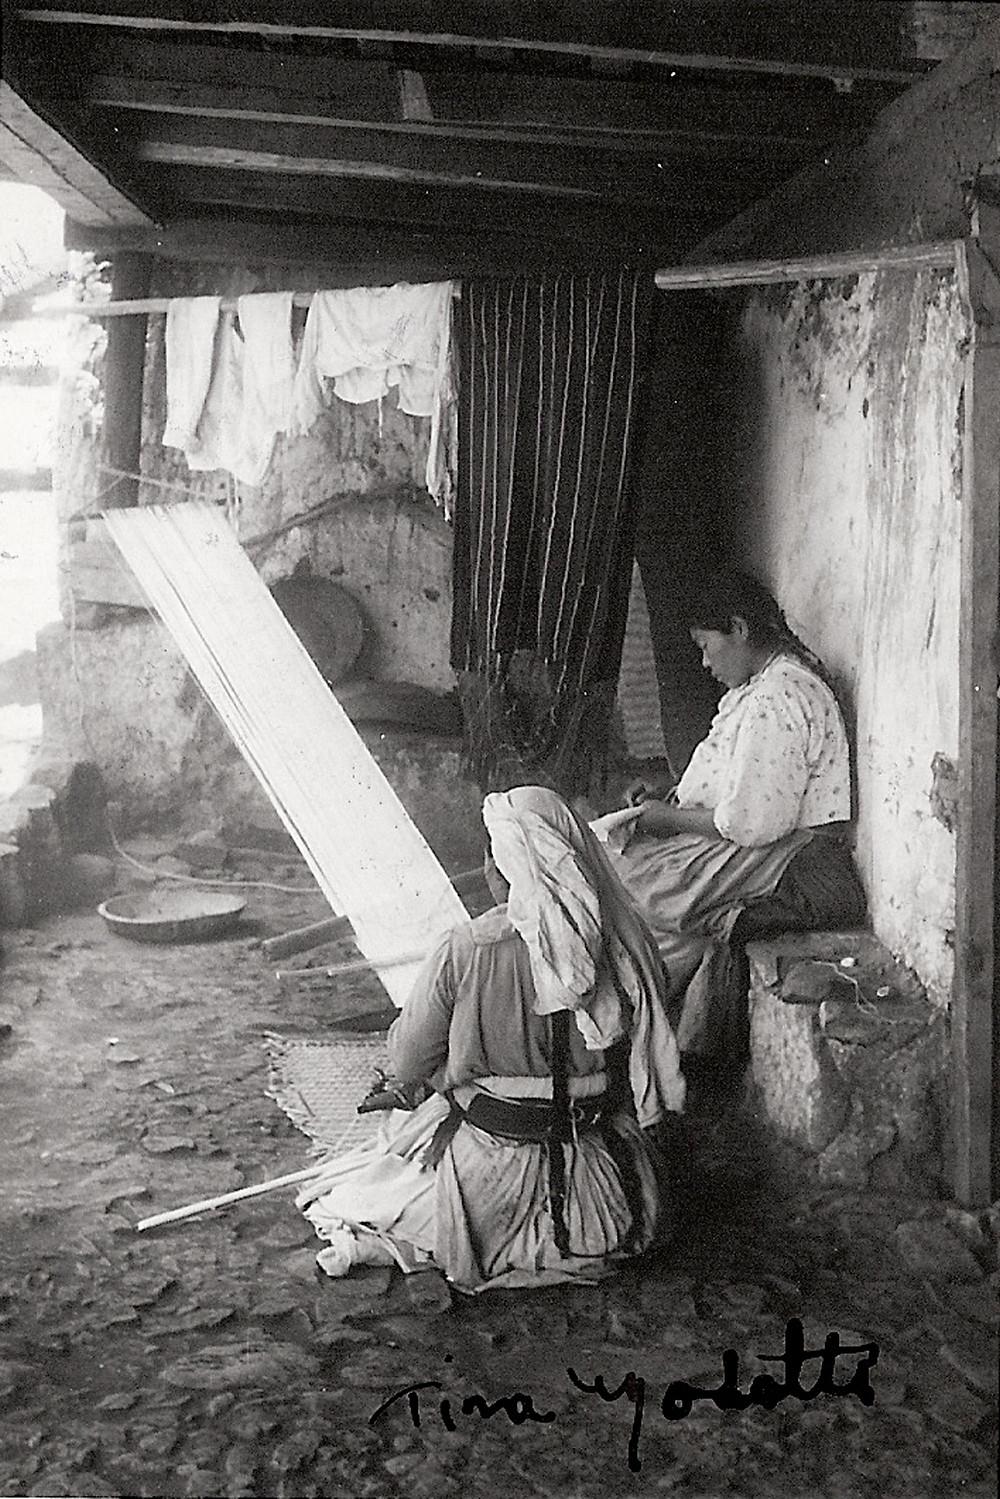 Mulheres mexicanas tecem num tear tradicional